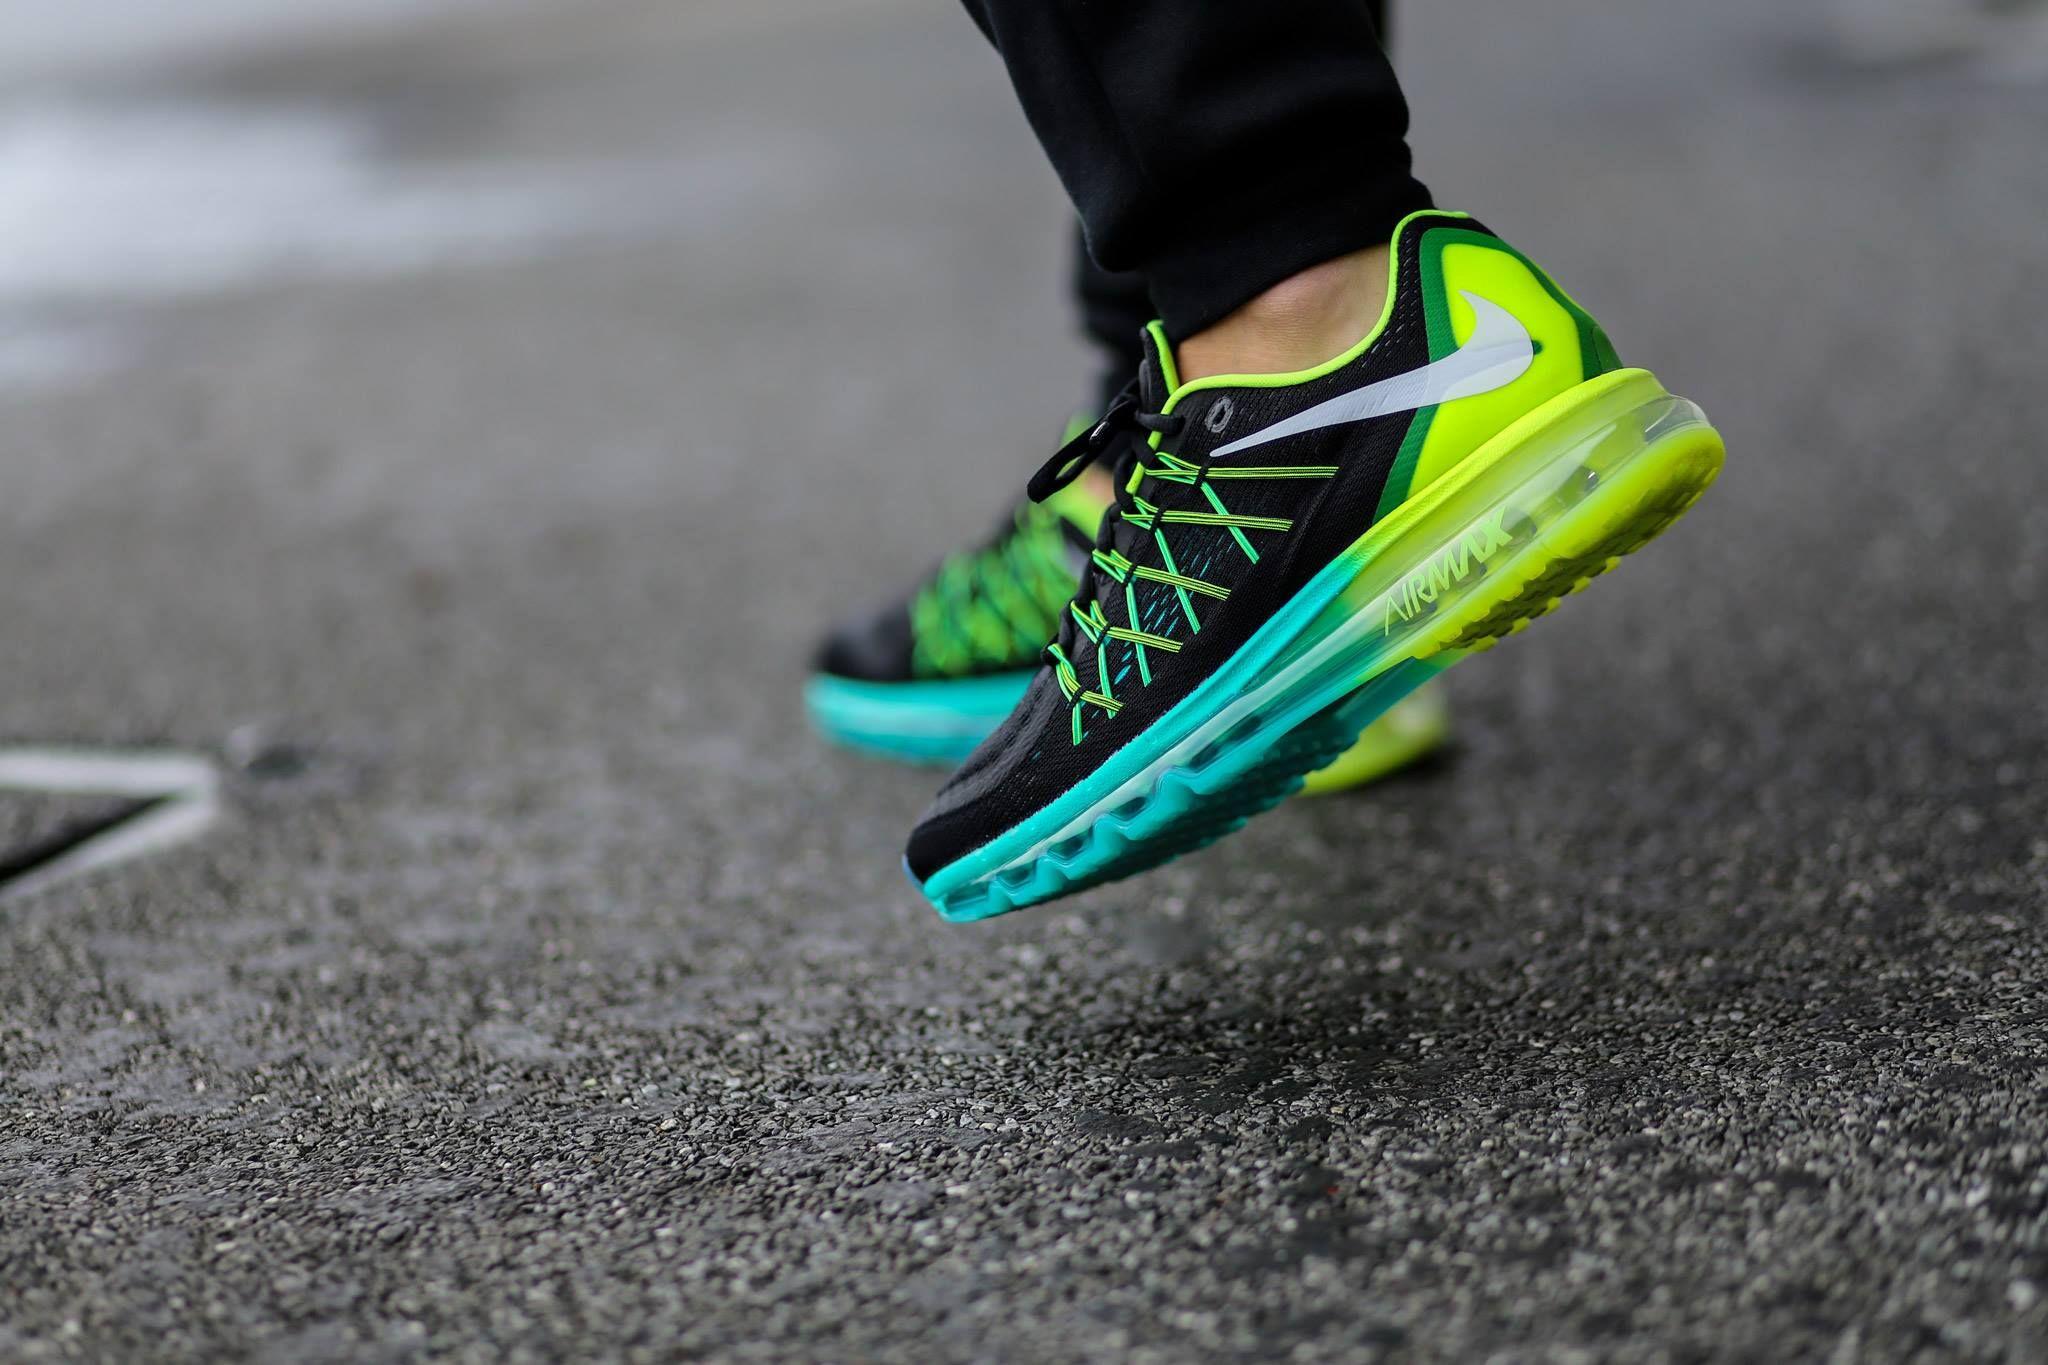 Nike Air Max 2015 | Sneakers in 2019 | Nike schuhe, Schuhe